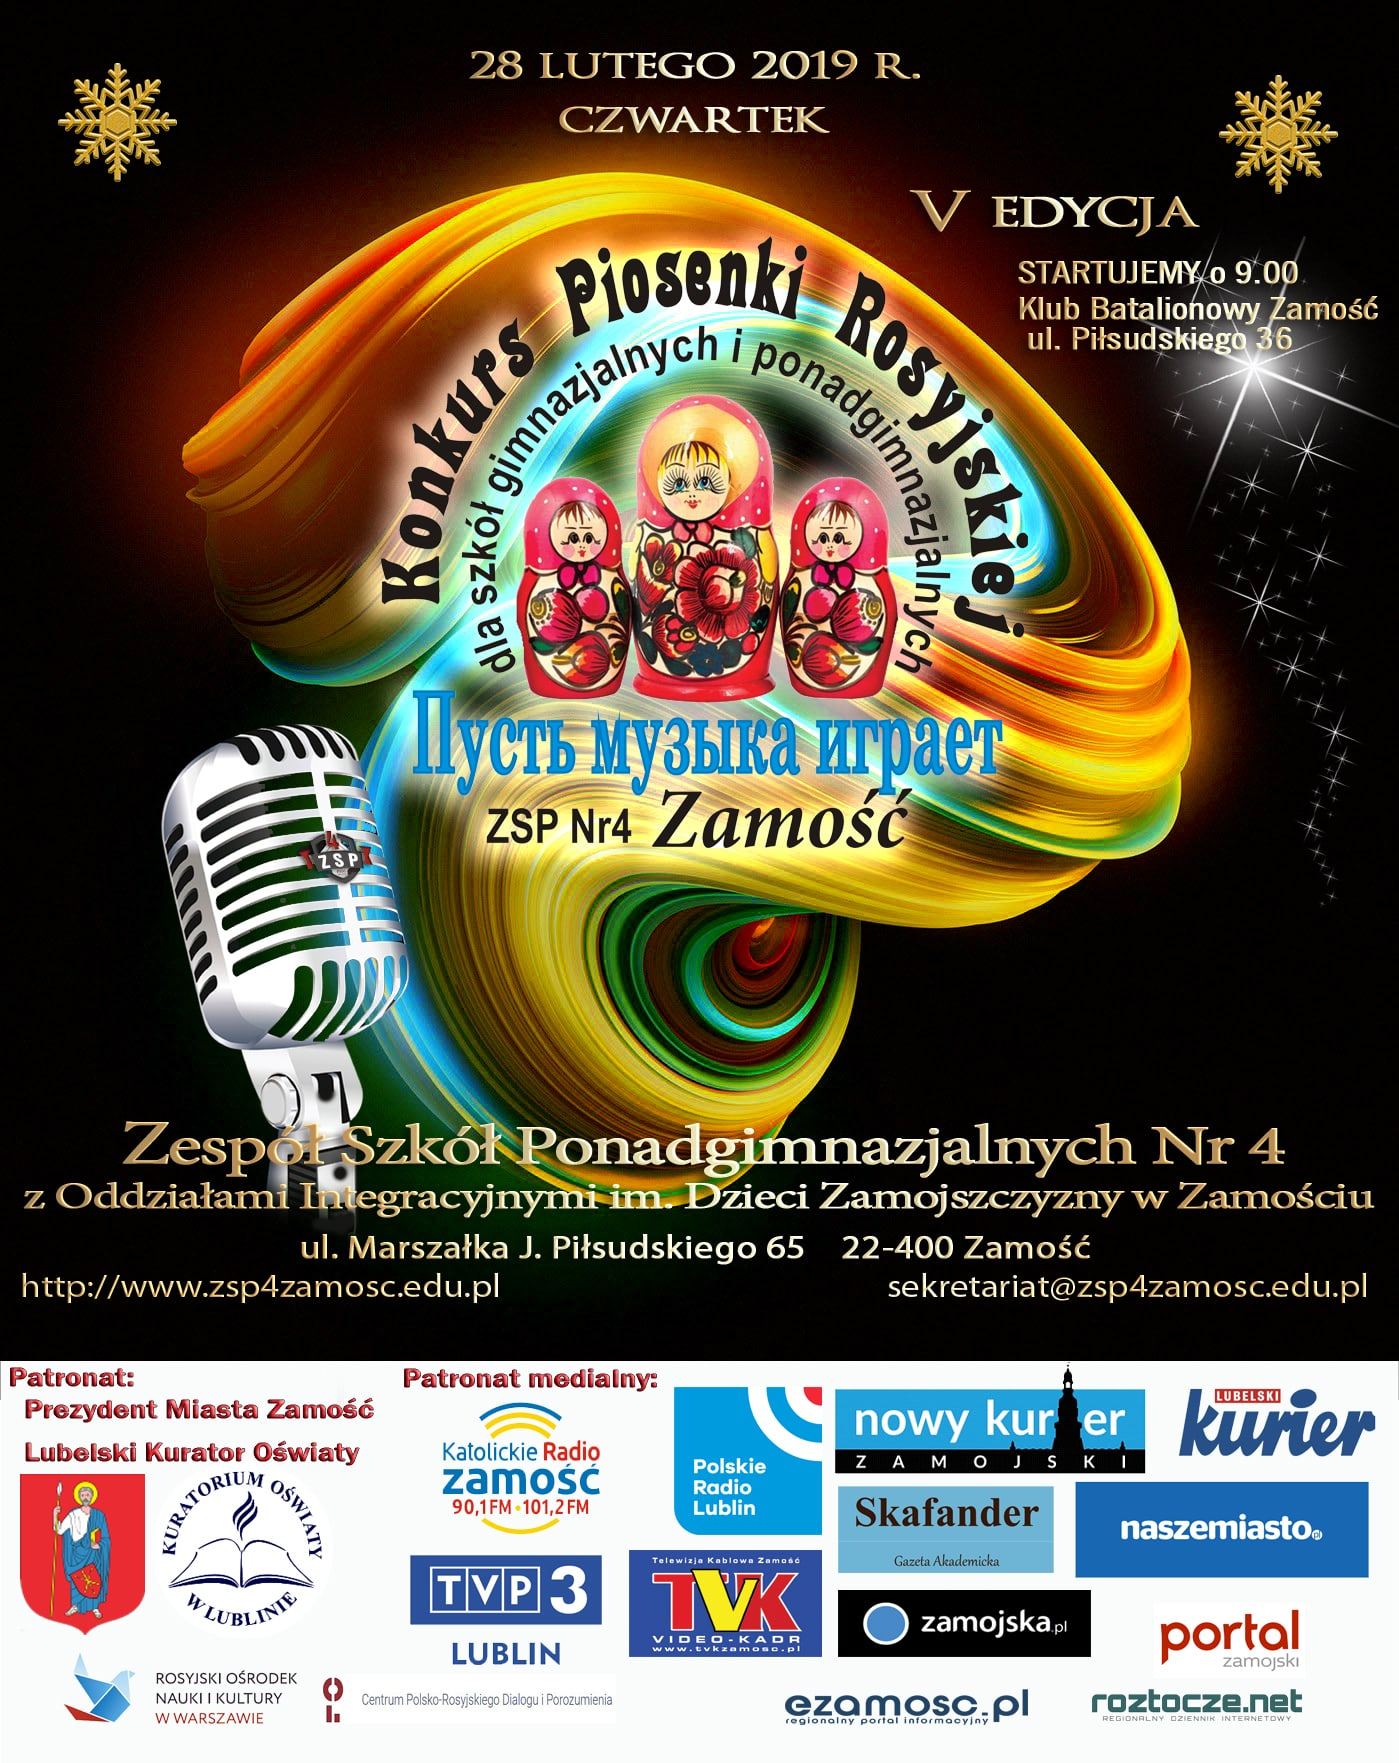 kpr plakat Zamość: Zaśpiewają na rosyjską nutę